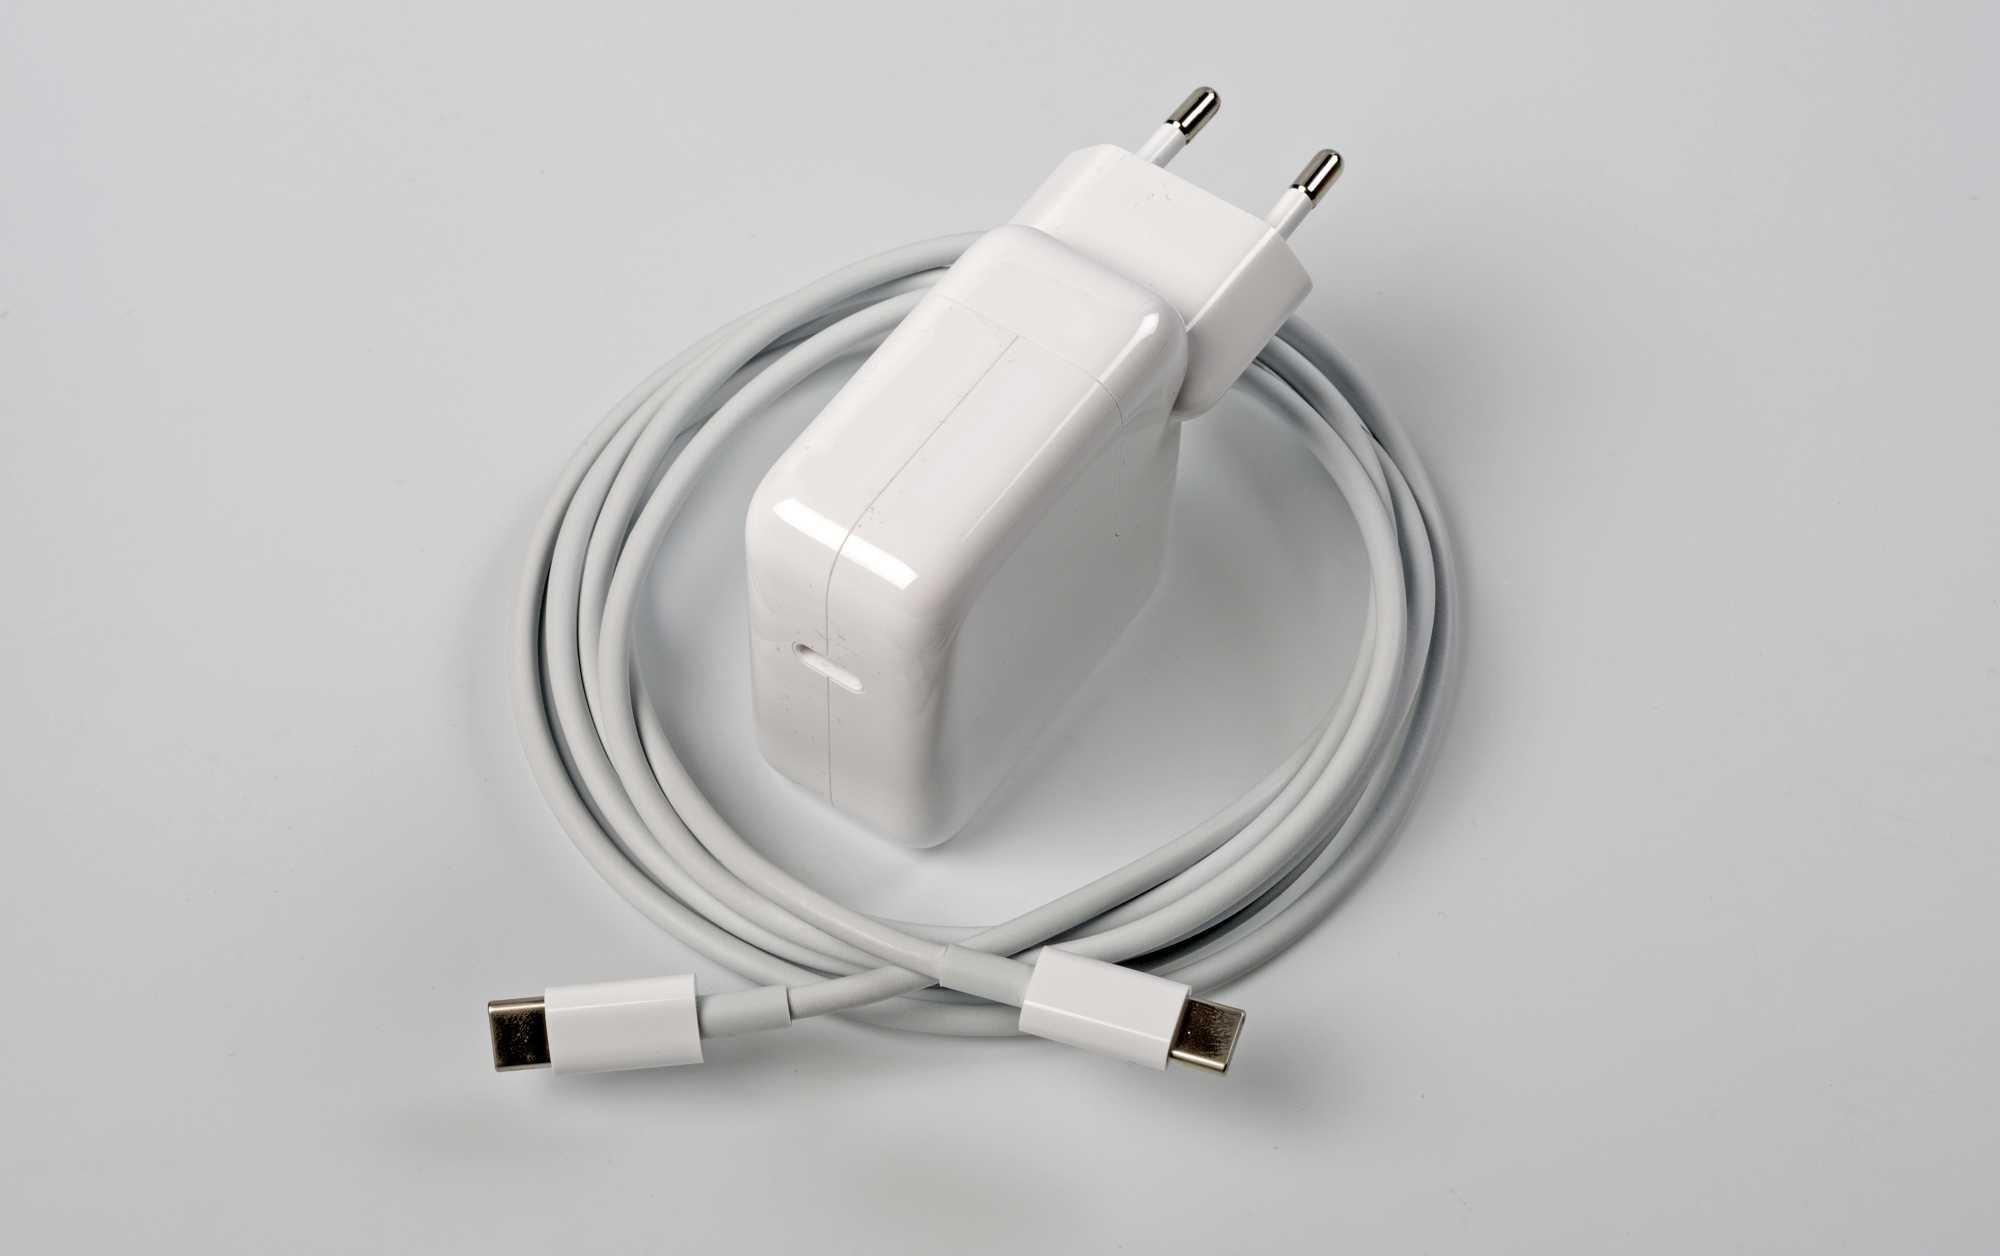 Zum Lieferumfang zählen ein kompaktes USB-C-Netzteil mit 30 Watt leistung und ein 2 Meter langes Kabel.